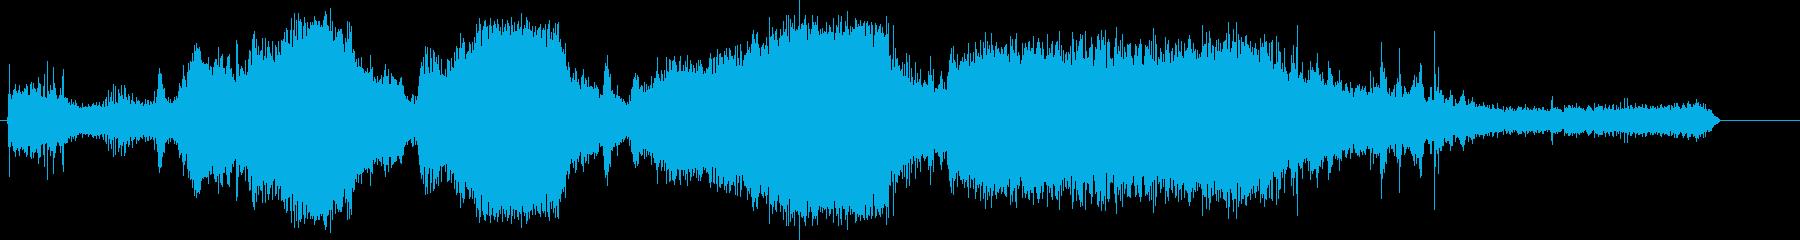 トラック;スタート/アウェイ;トラ...の再生済みの波形